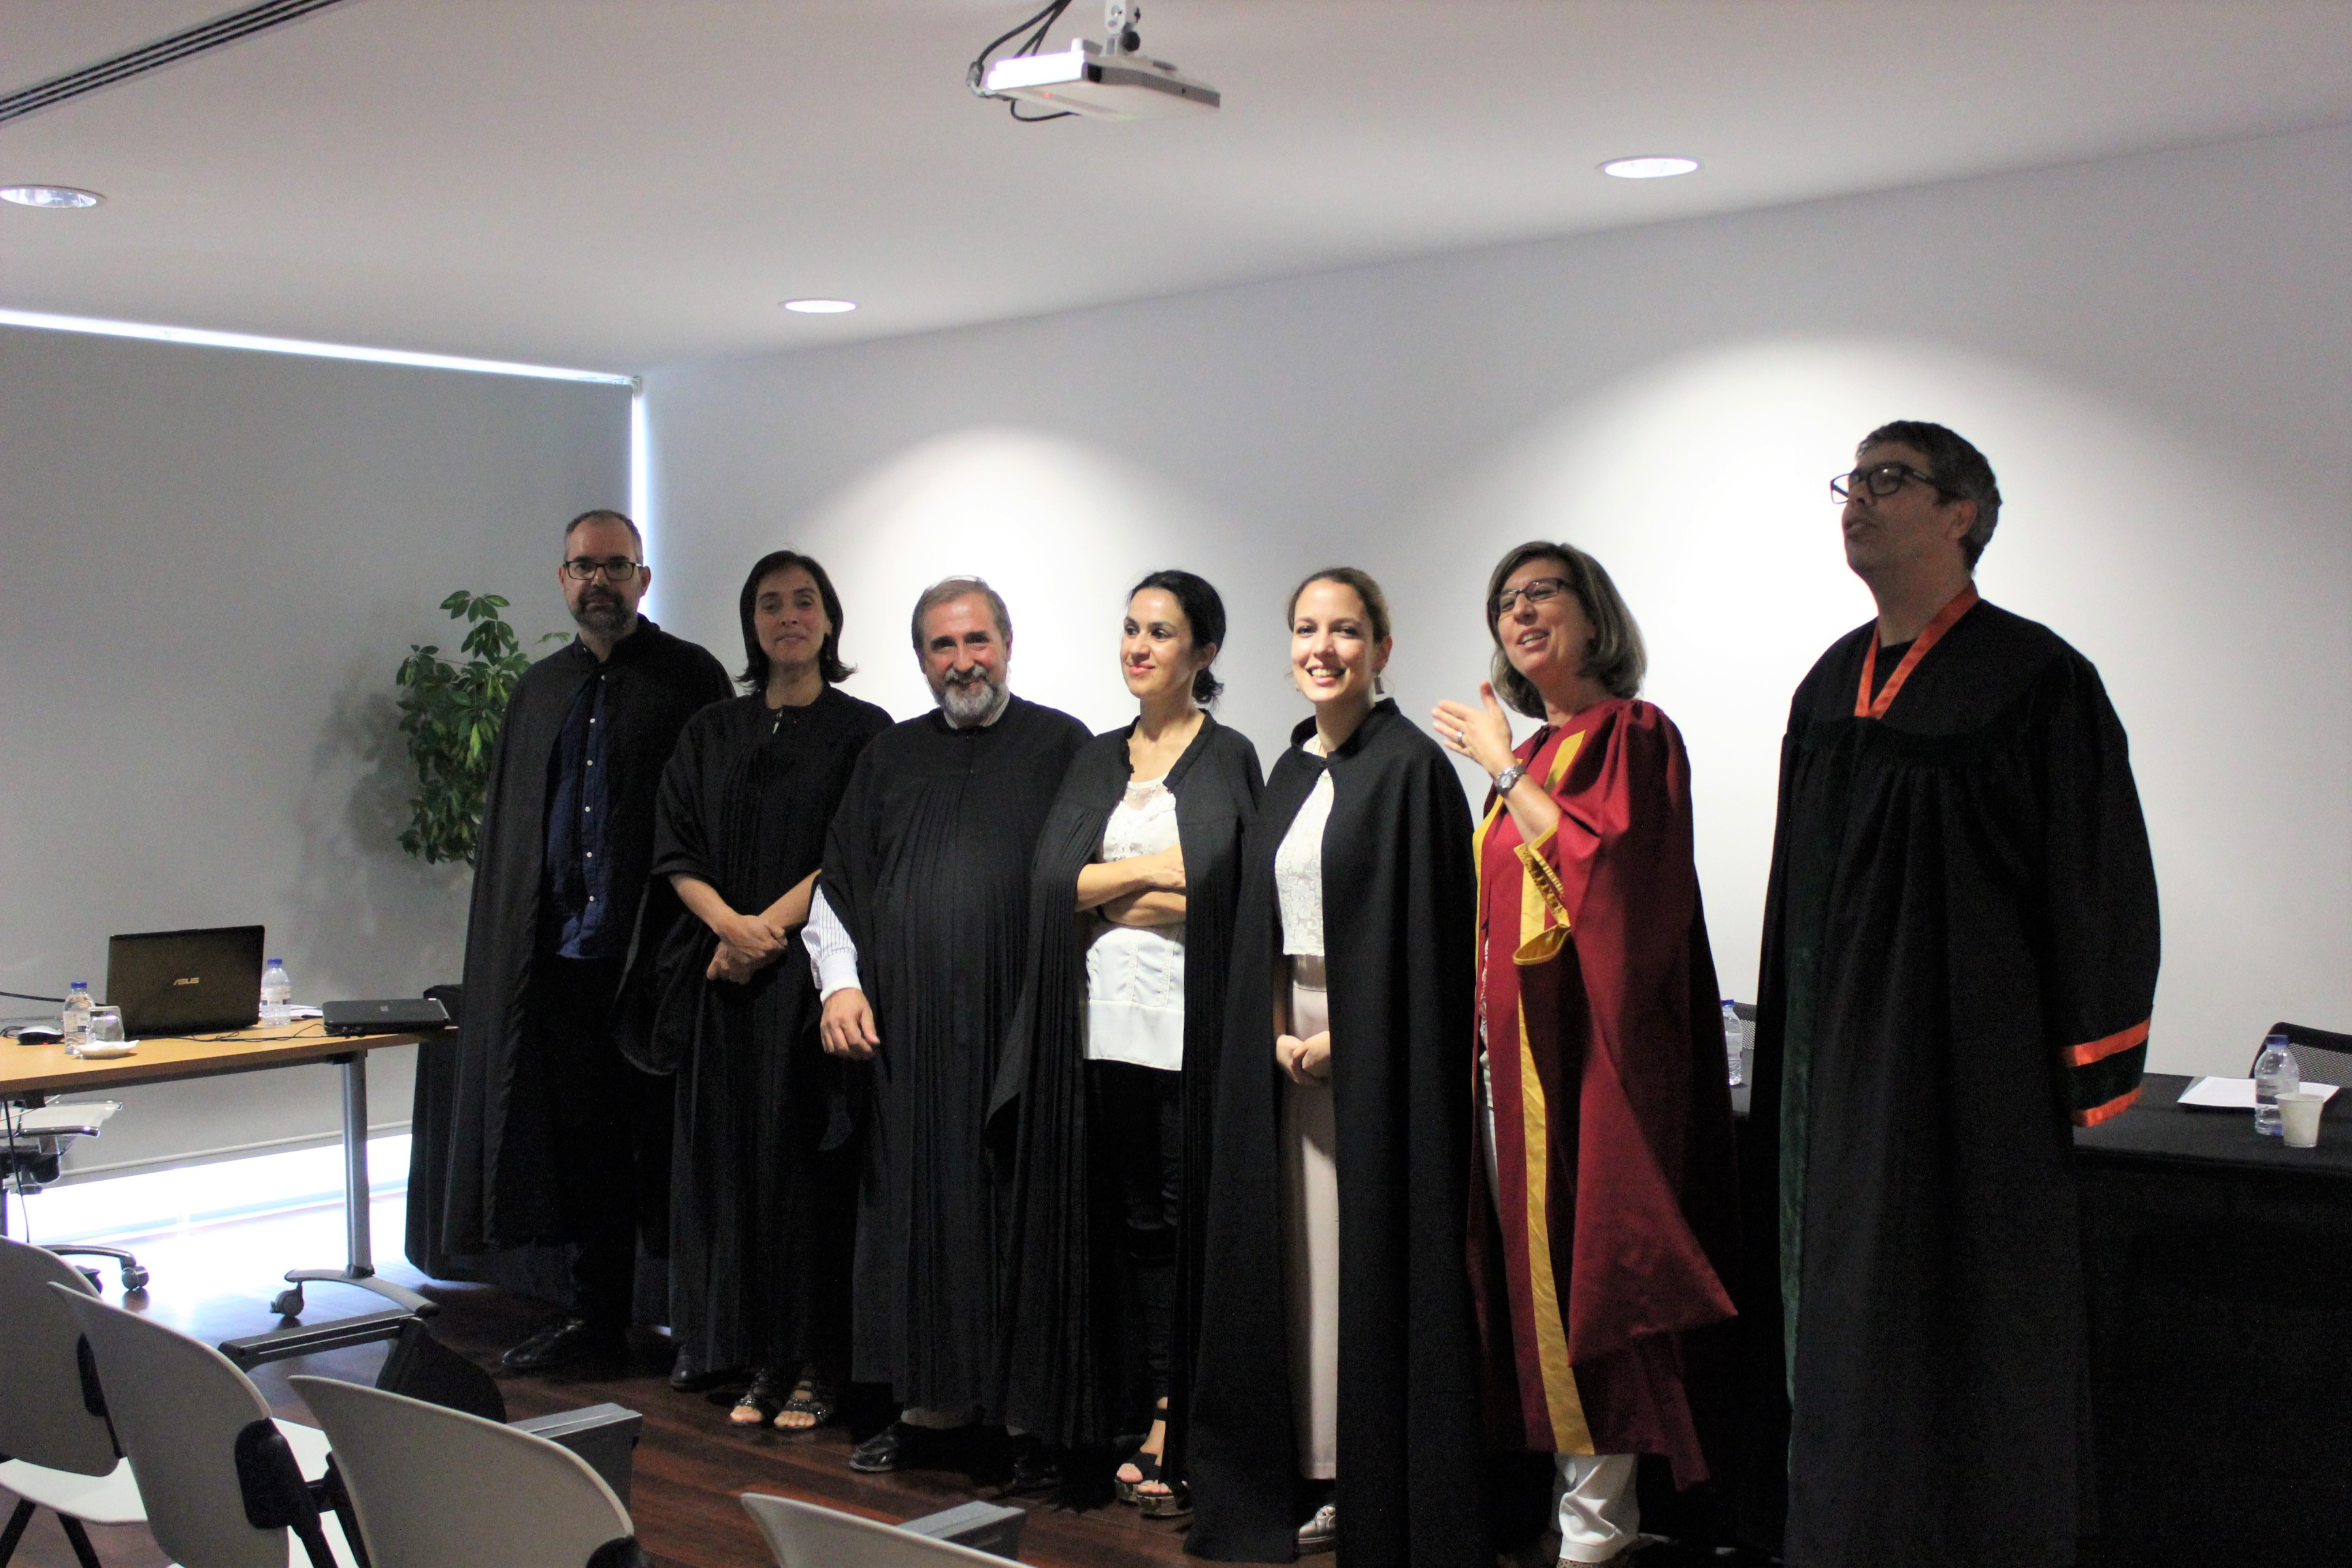 Inês Rebanda Coelho: new PhD in Communication Sciences